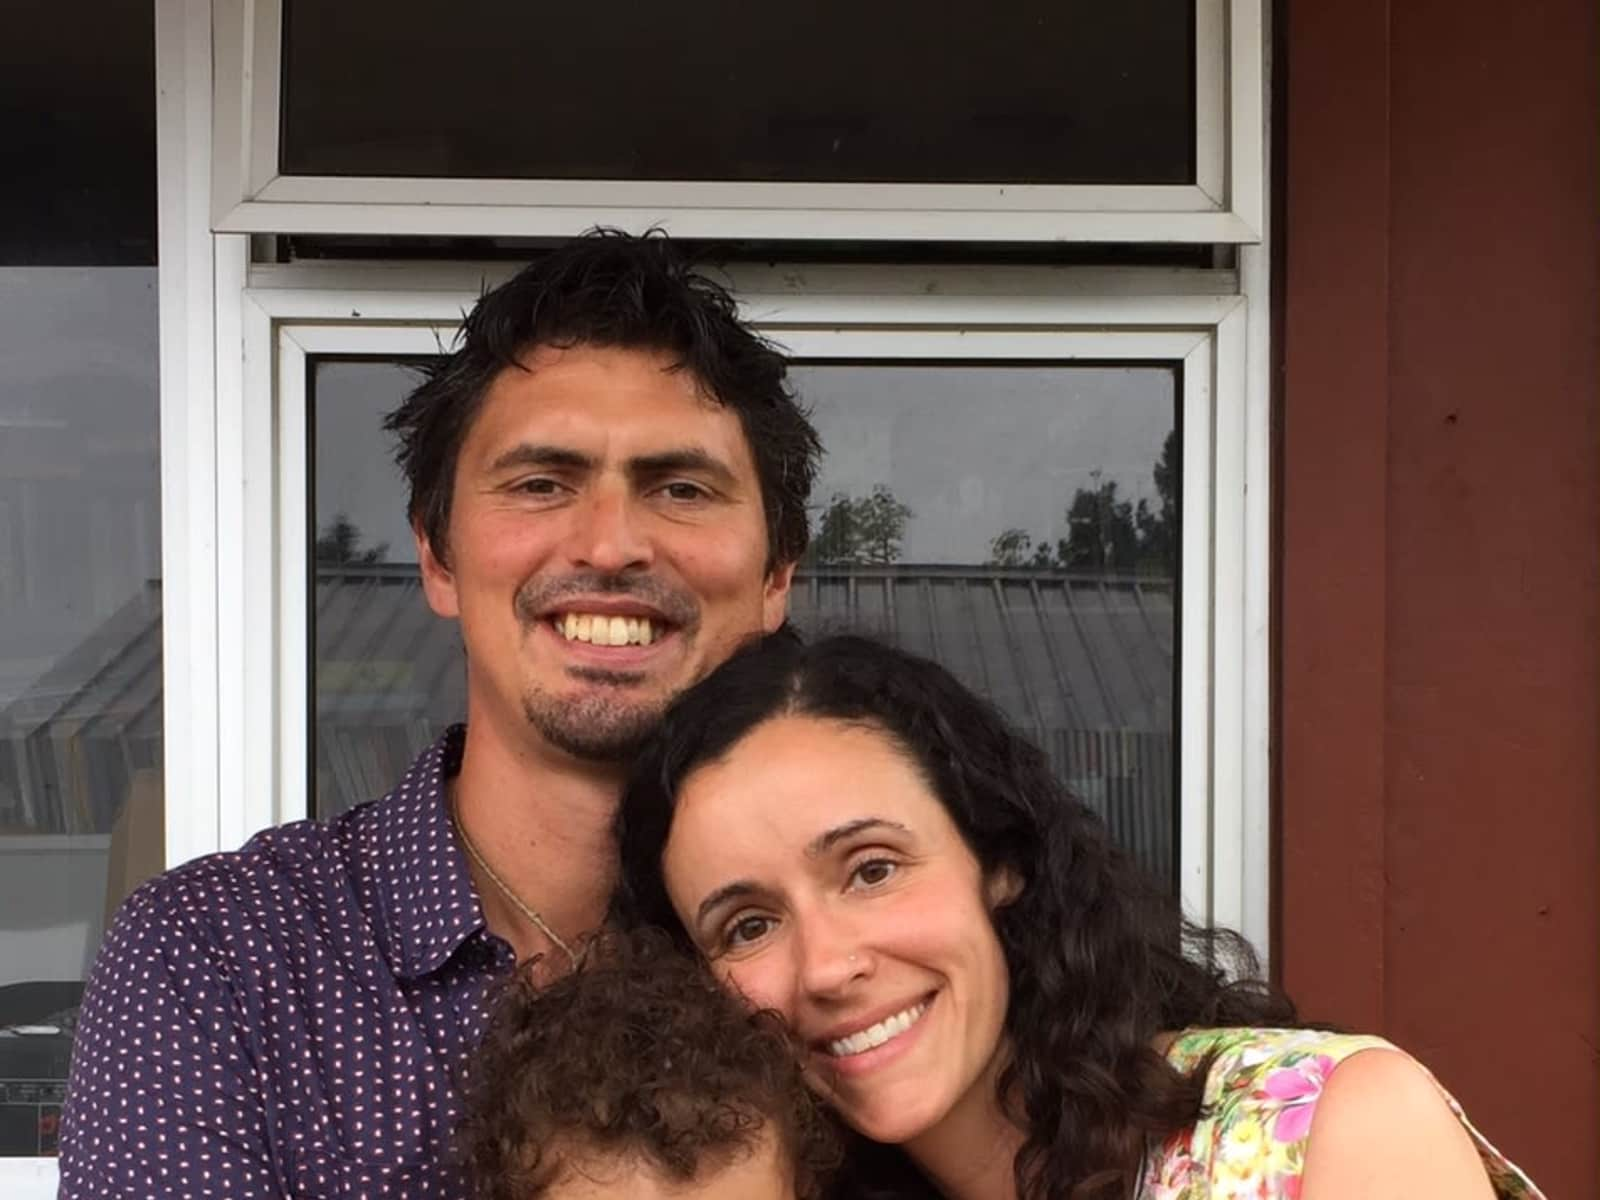 Kathy & Matt from Auckland, New Zealand